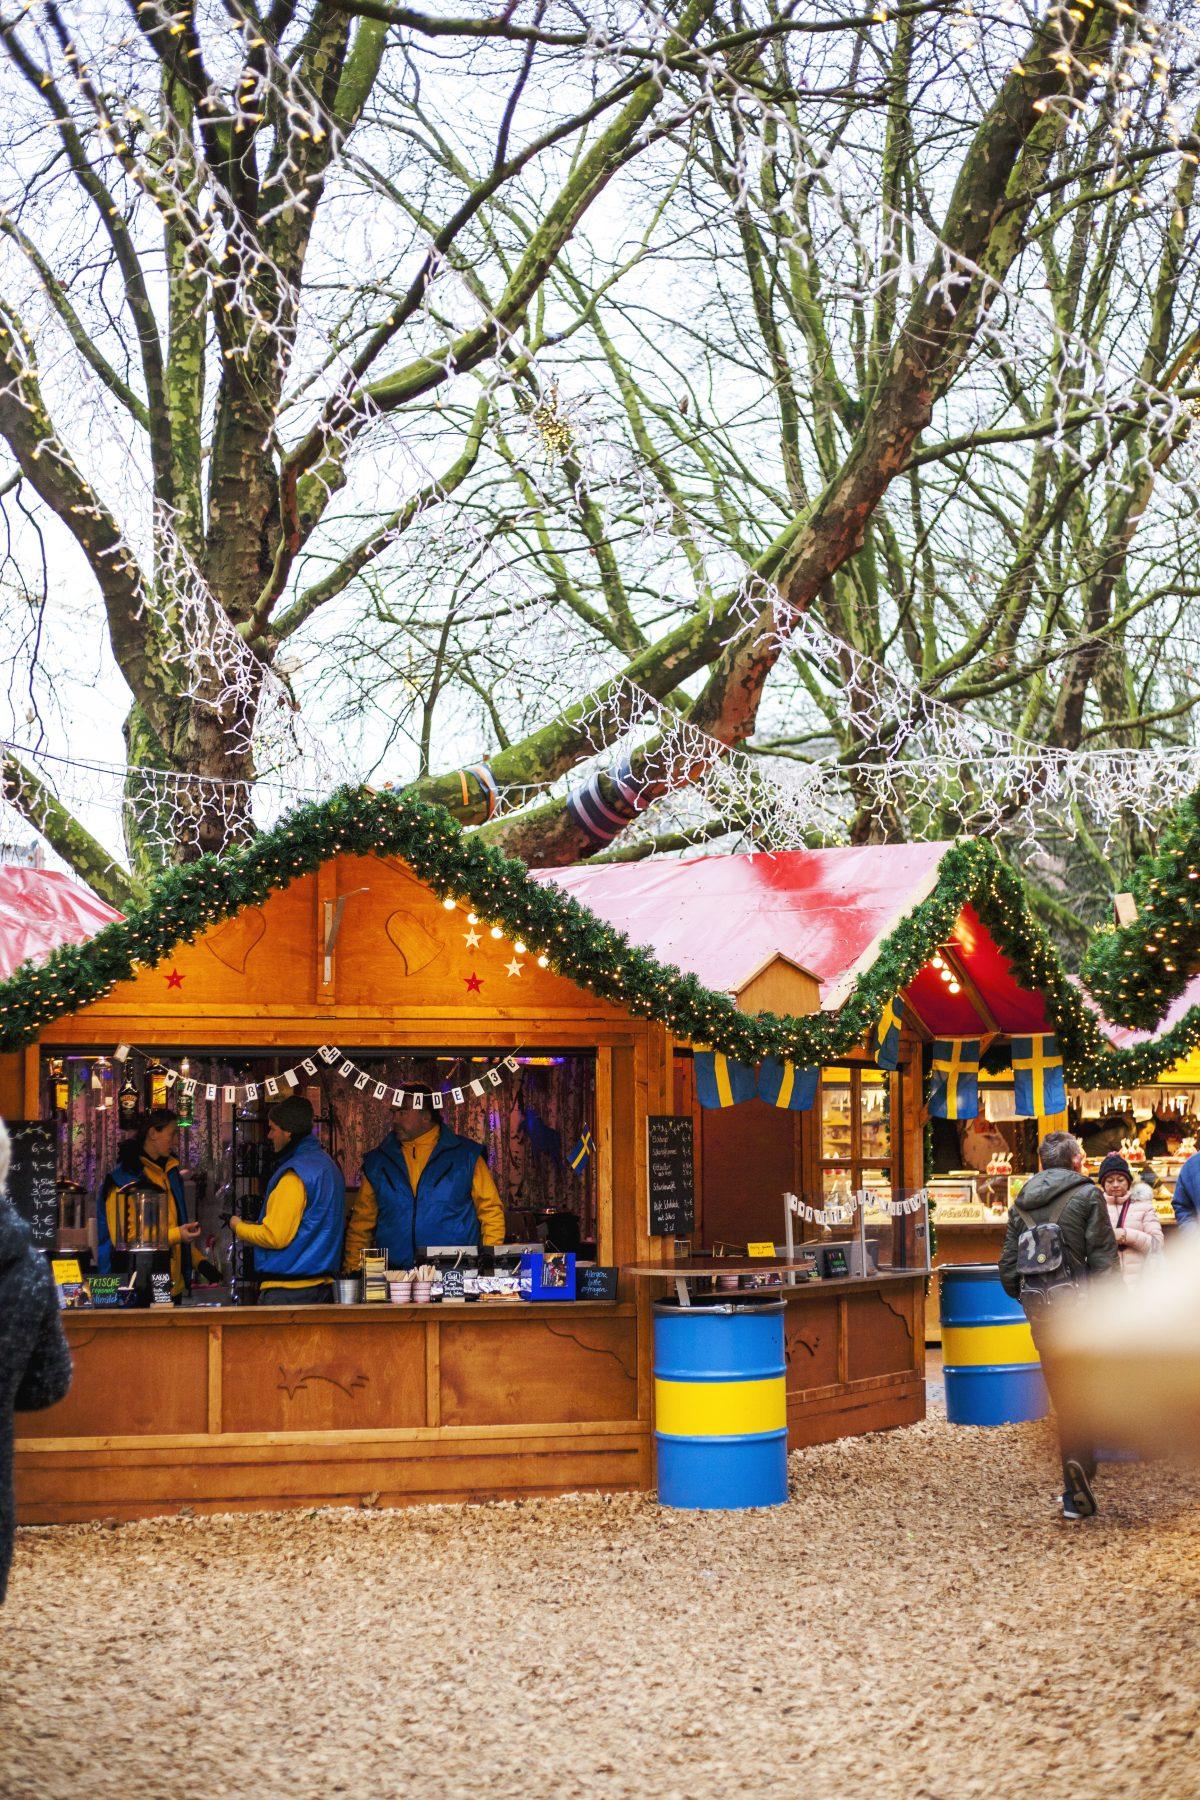 Weihnachtsmarkt Ratzeburg.Die Schwedenhütte Ein Highlight Auf Dem Kieler Weihnachtsmarkt